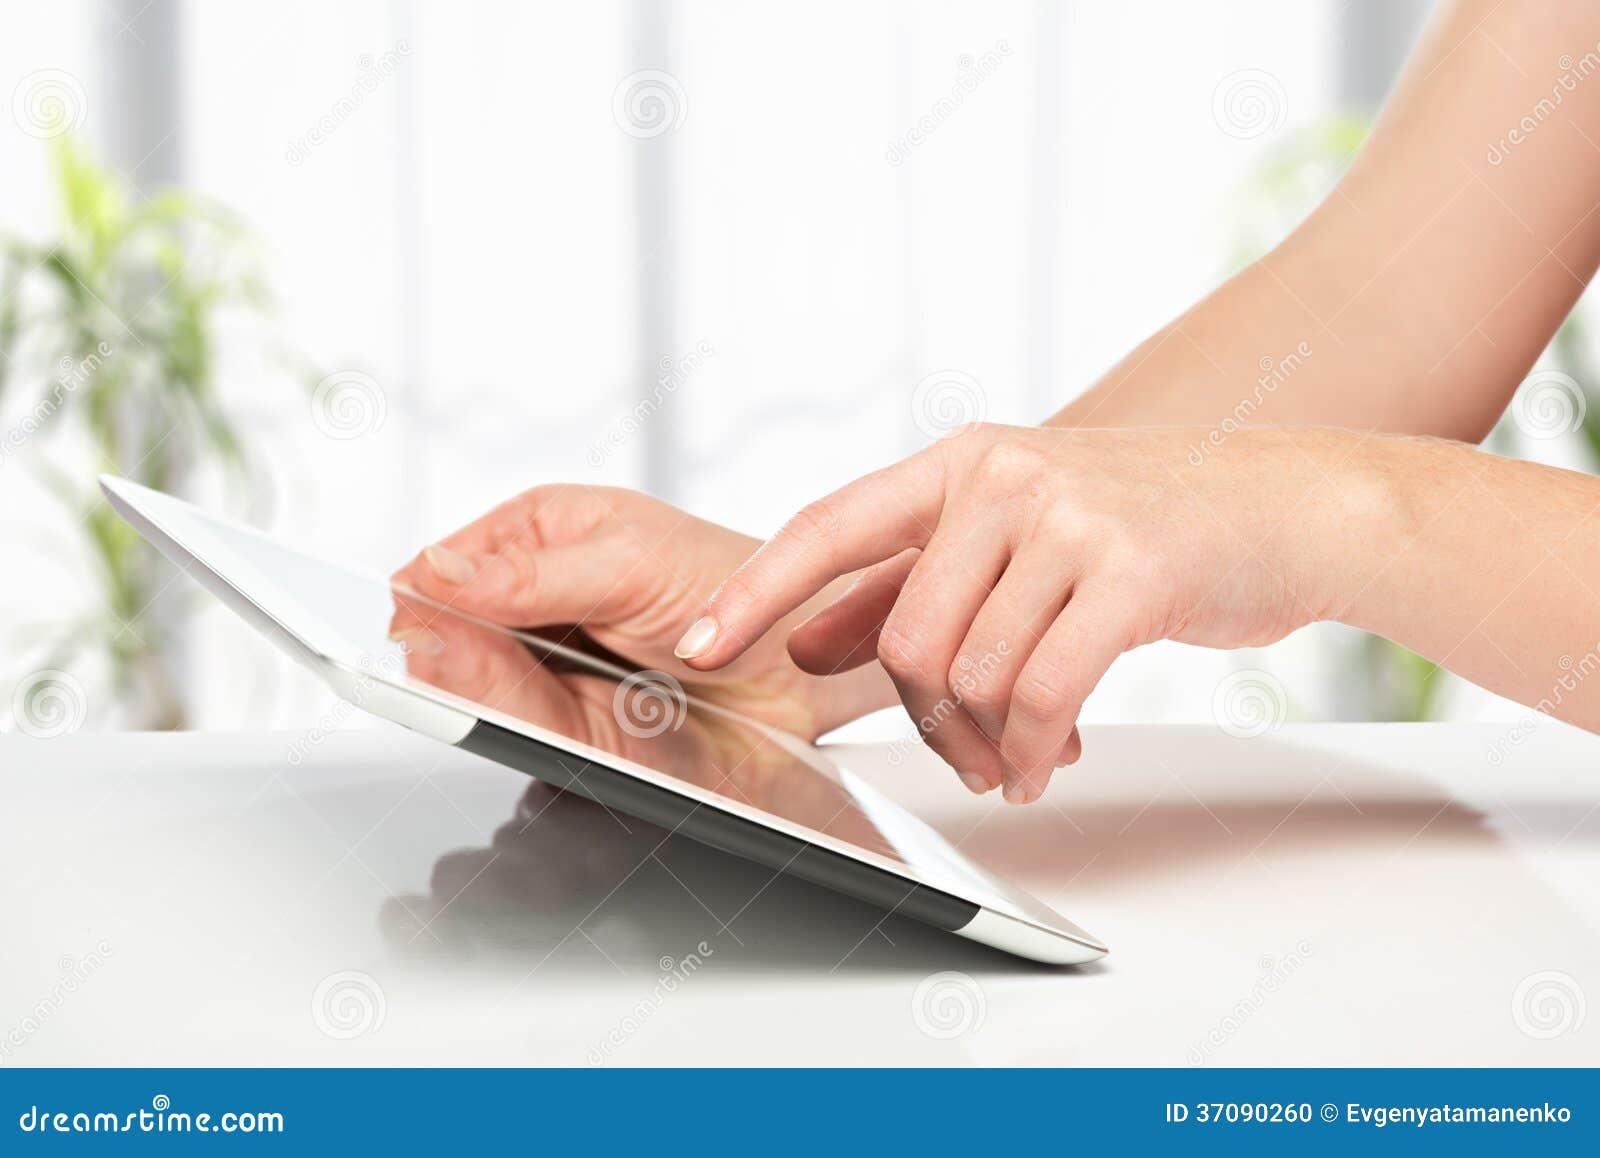 Download Biała Pastylka Z Pustym Ekranem W Rękach Na Stole Zdjęcie Stock - Obraz złożonej z mężczyzna, przyrząda: 37090260